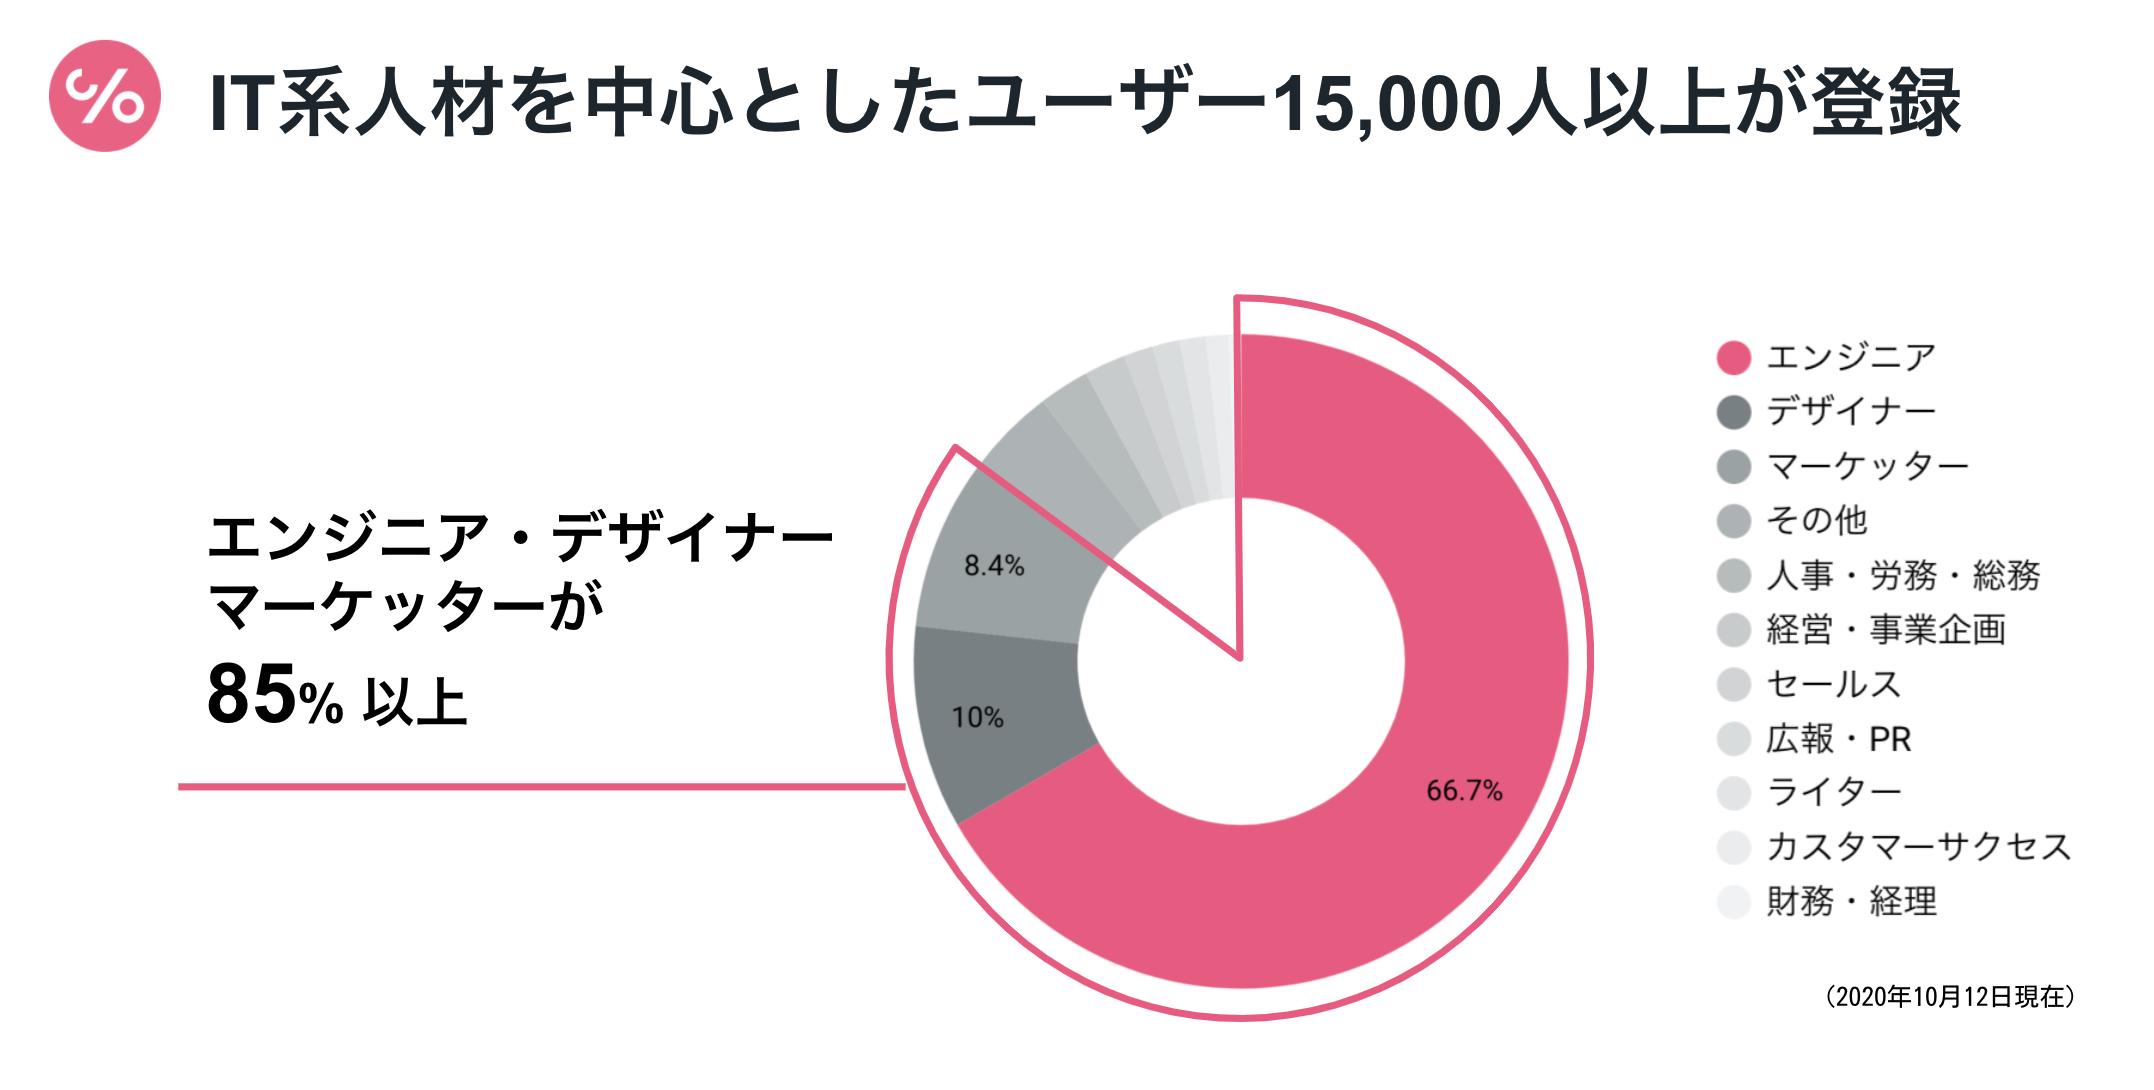 IT系人材を中心としたユーザー15,000人以上が登録